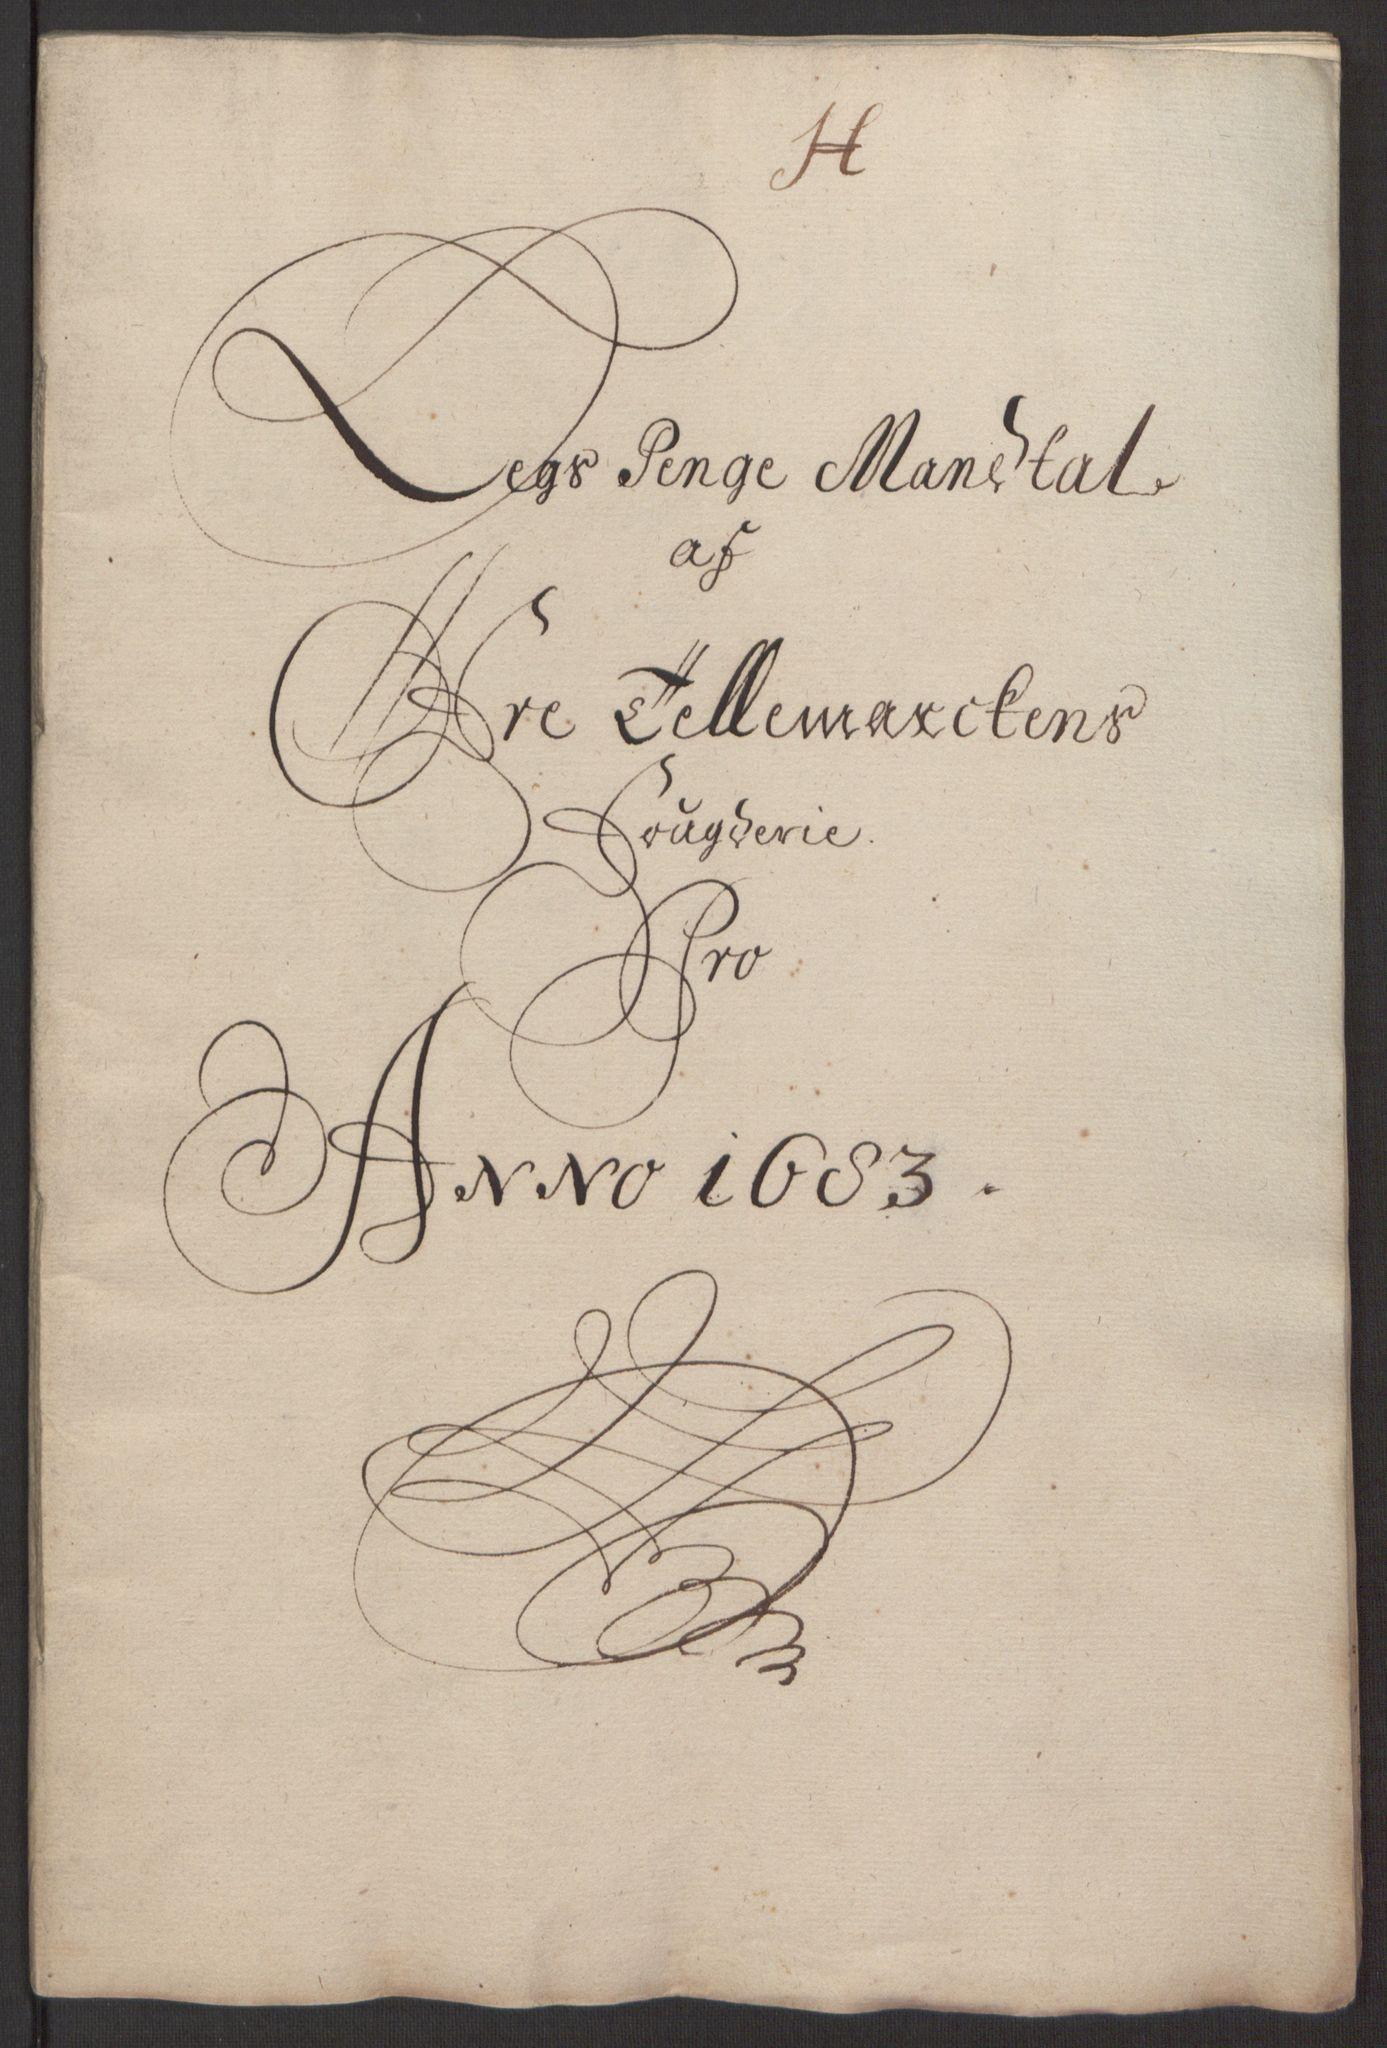 RA, Rentekammeret inntil 1814, Reviderte regnskaper, Fogderegnskap, R35/L2080: Fogderegnskap Øvre og Nedre Telemark, 1680-1684, s. 117